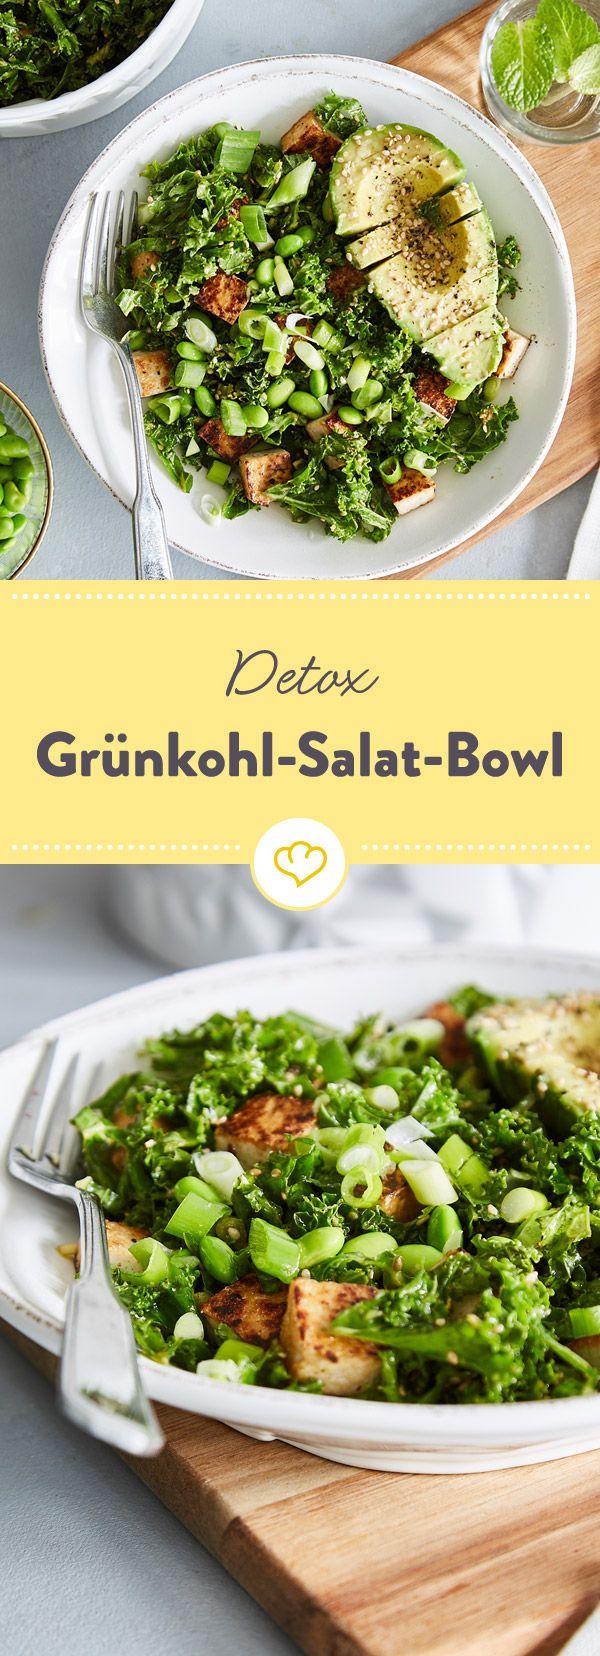 Grün ist die Farbe des Tages. Darum betten sich Avocado, Frühlingszwiebeln und Edamame auf knackigen Grünkohl und werden zur detox Feierabend-Salat-Bowl.